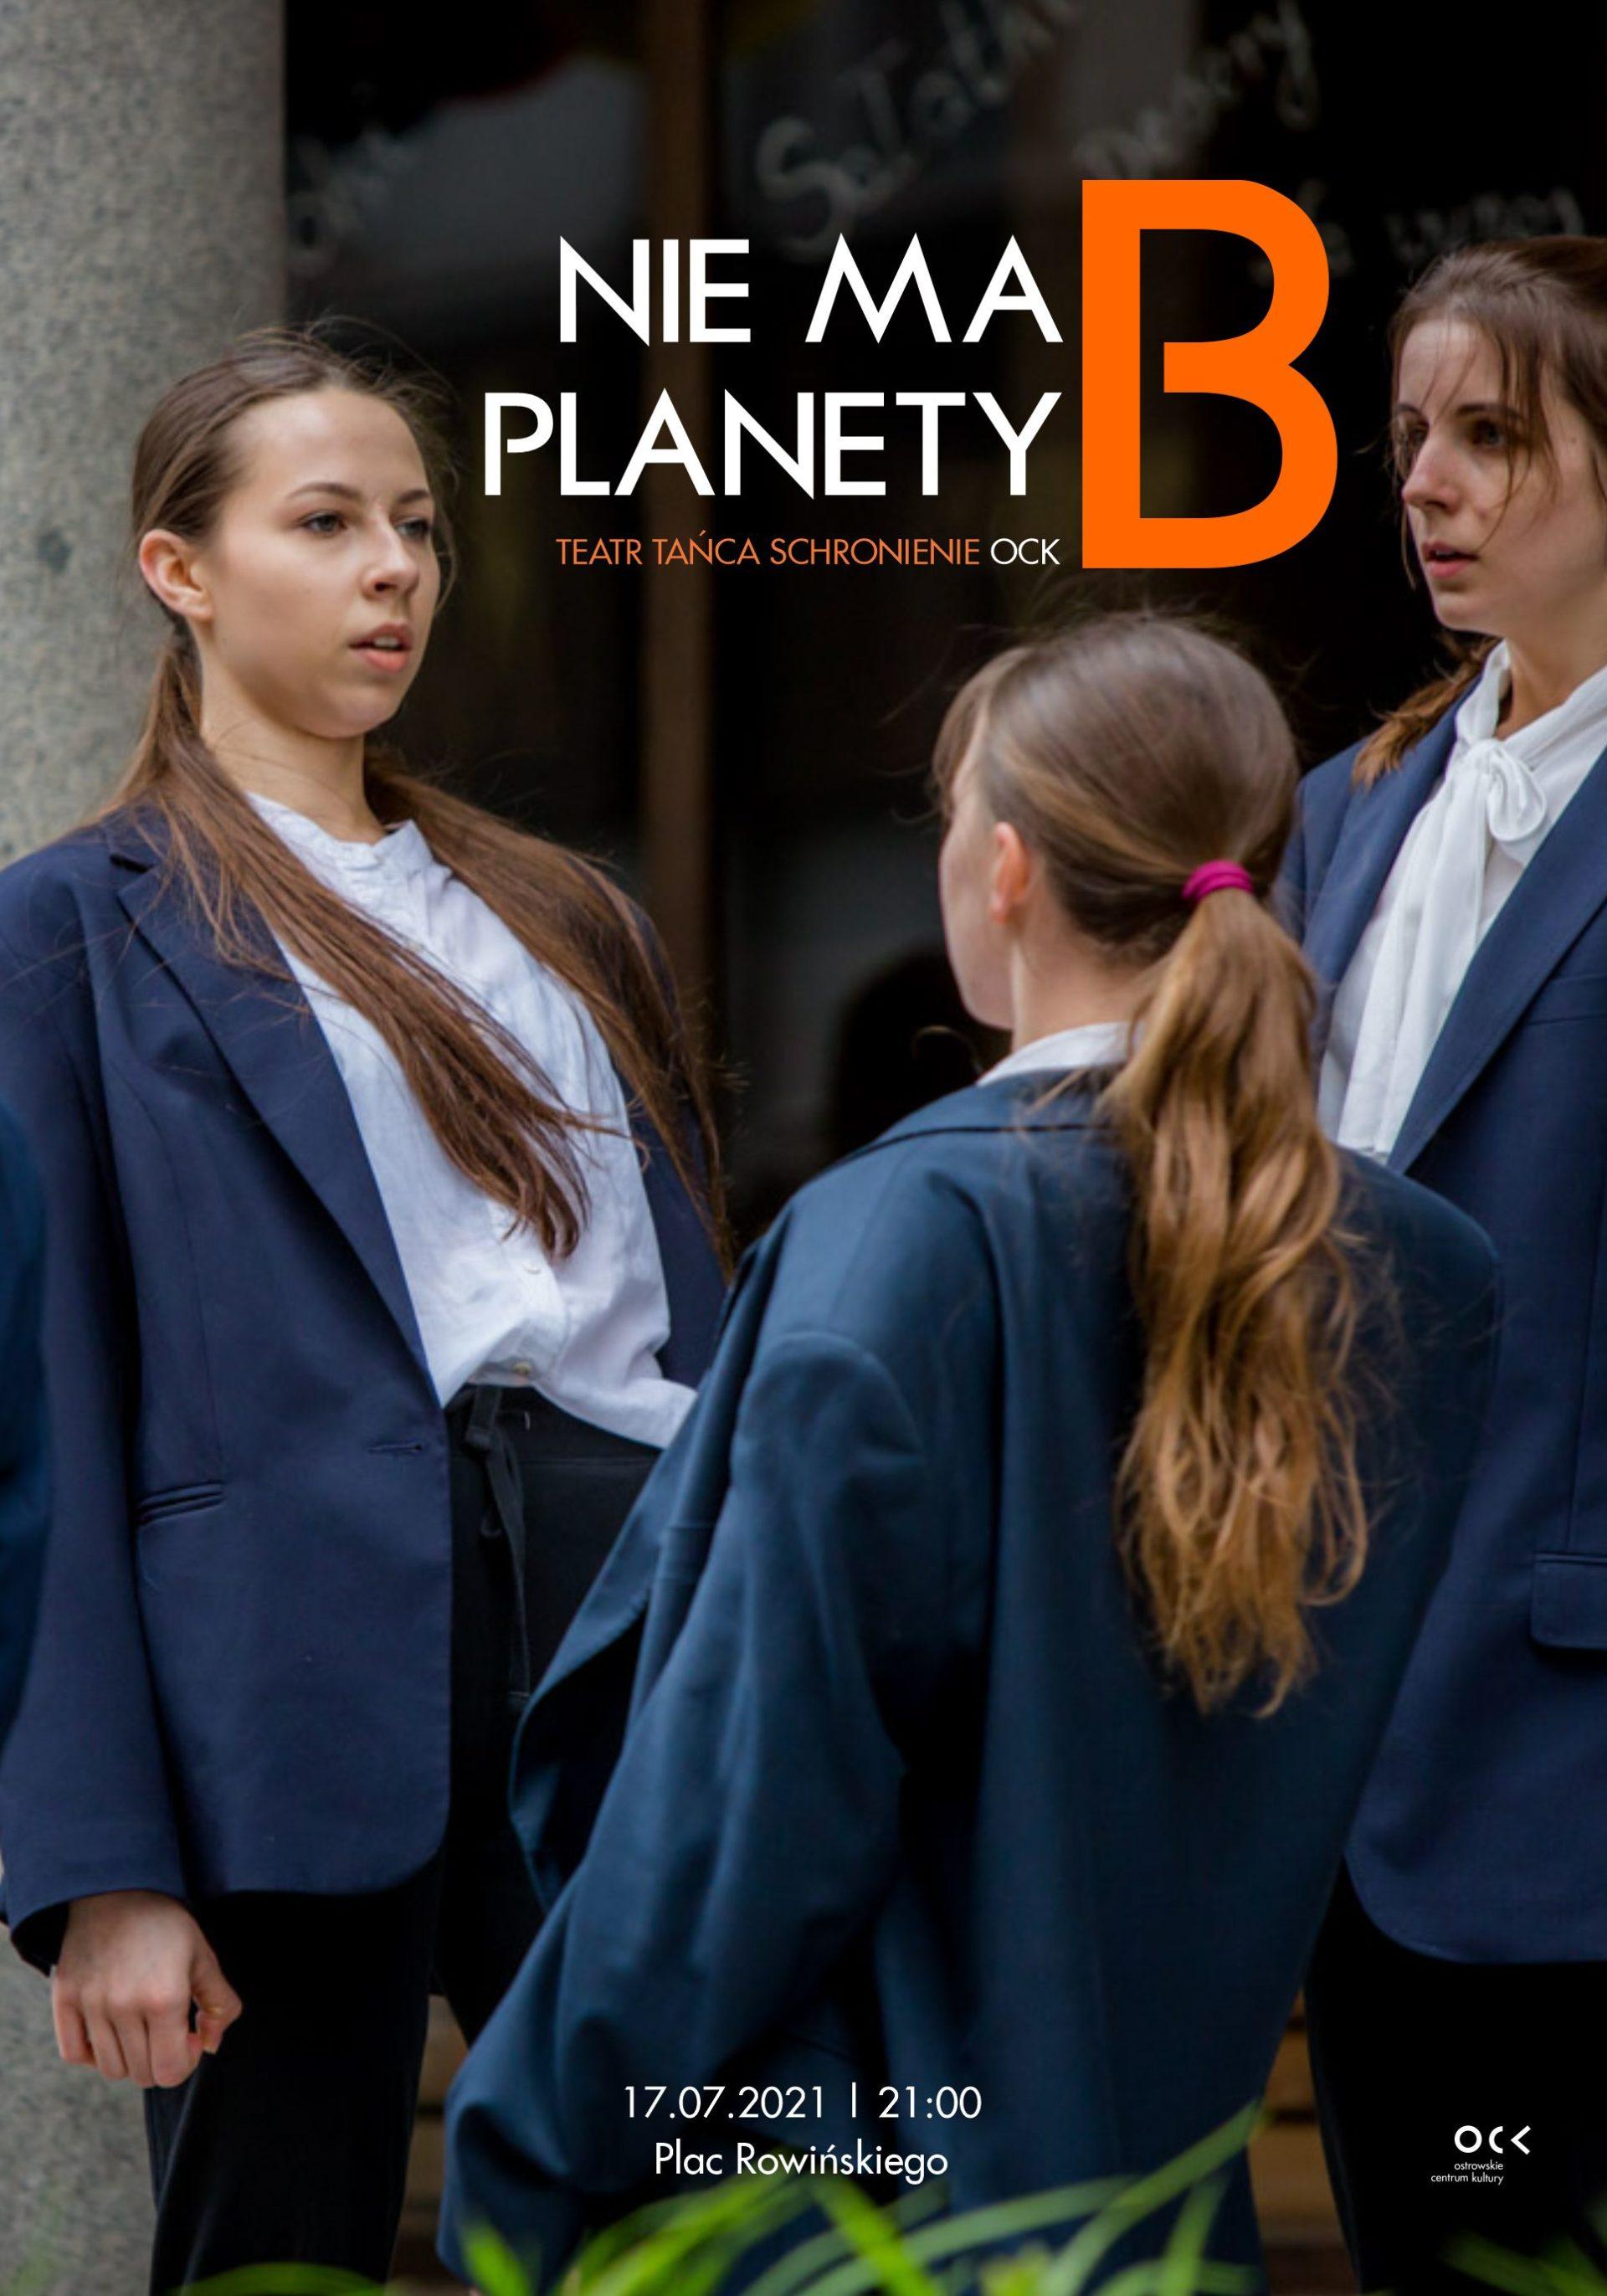 Teatr Tańca Schronienie | Nie ma planety B